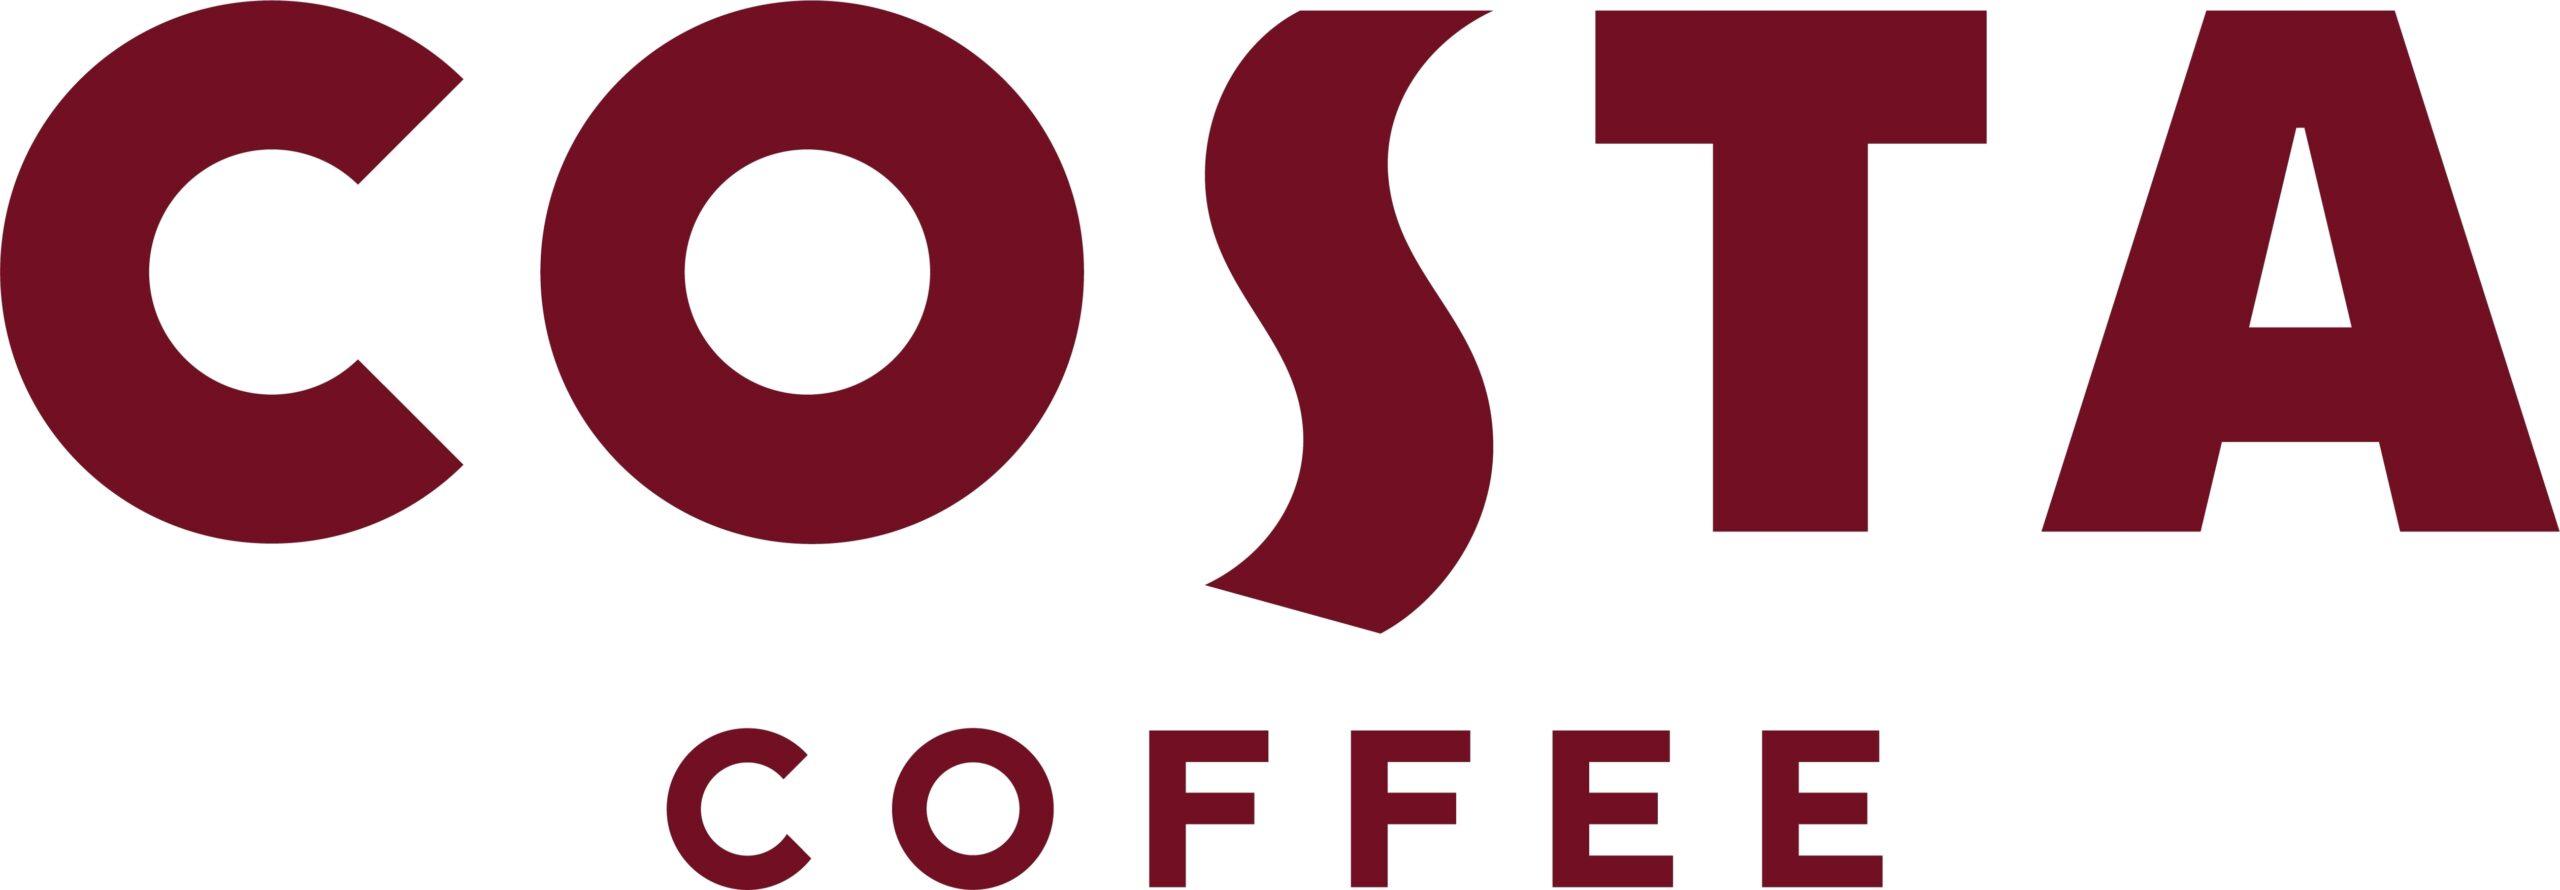 Costa Coffee Ltd